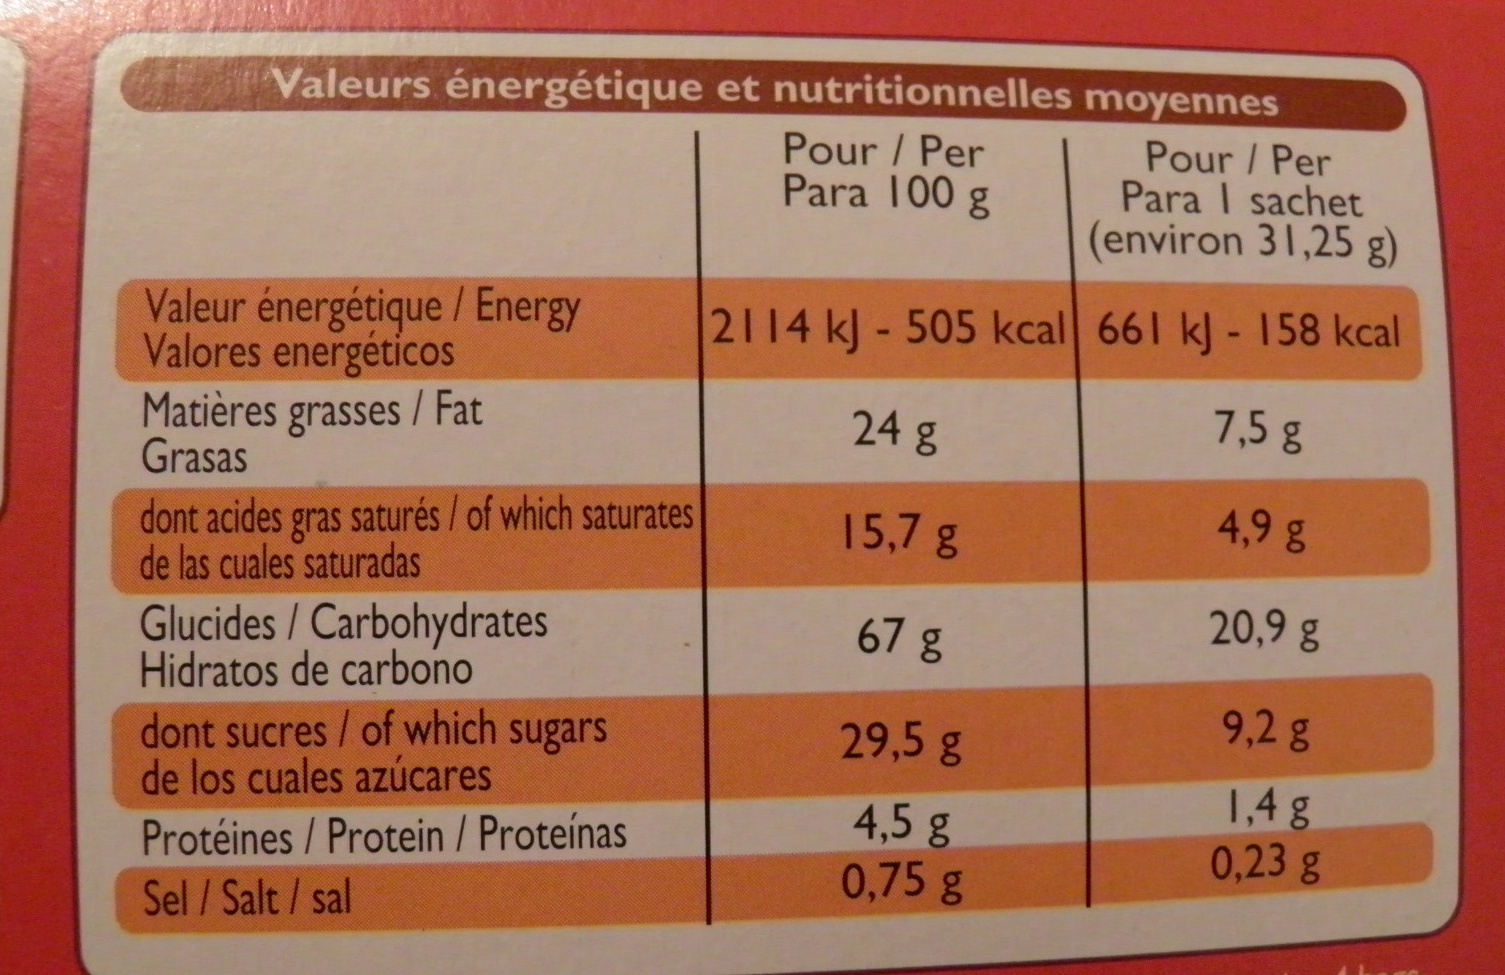 Sablés éclats au caramel au beurre salé - Informations nutritionnelles - fr